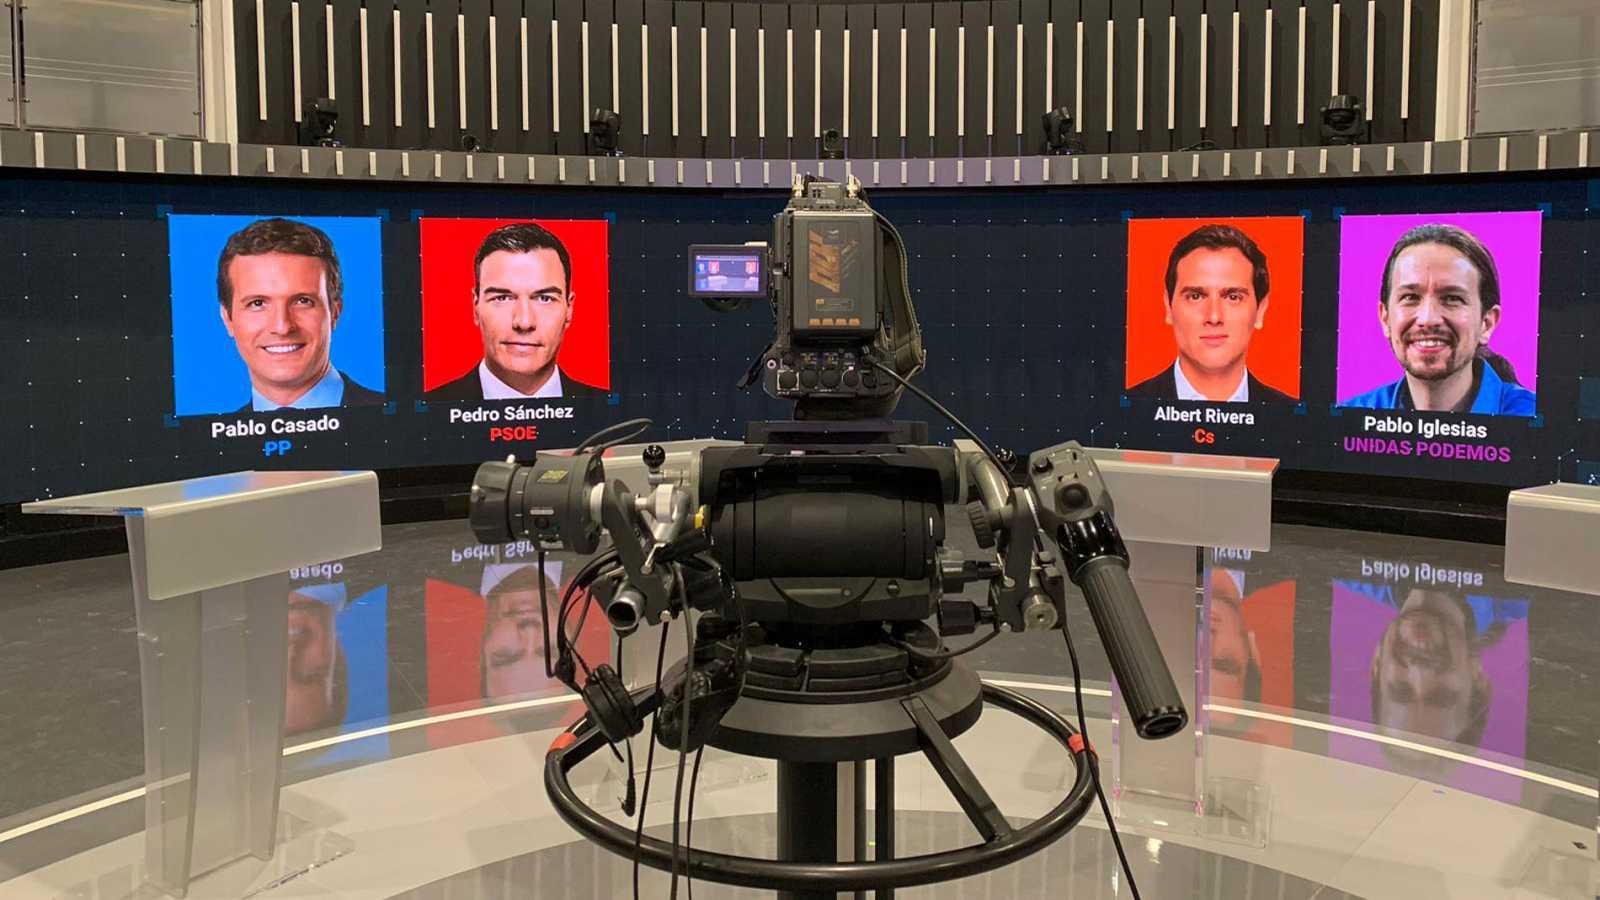 Plató de TVE donde se celebrará el debate entre los cuatro principales candidatos para las elecciones del 28-A.